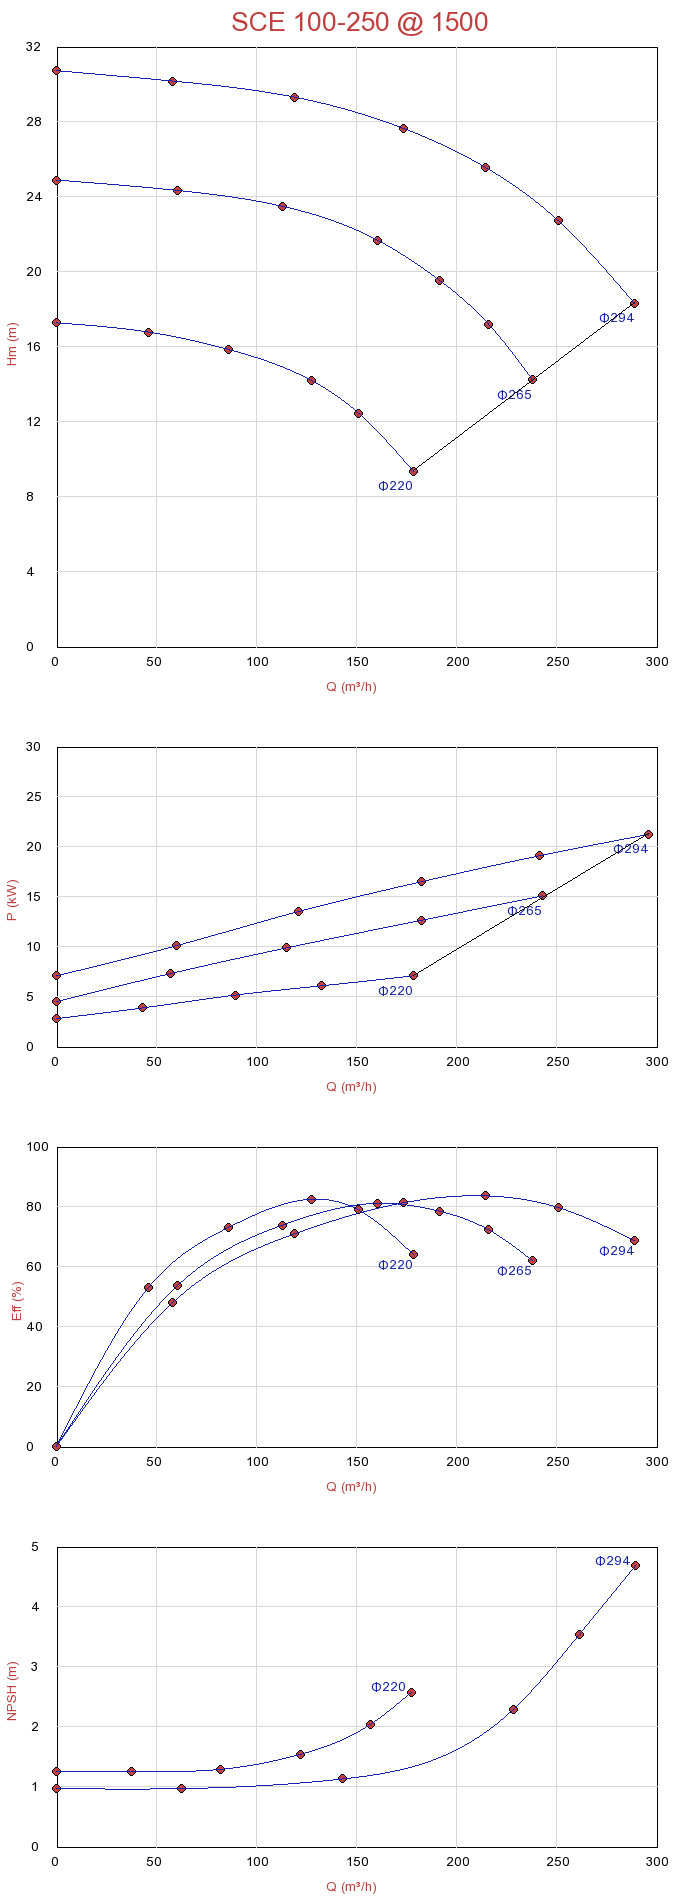 Biểu đồ lưu lượng máy bơm ly tâm hút đôi Sempa SCE 100-250 (1500rpm)